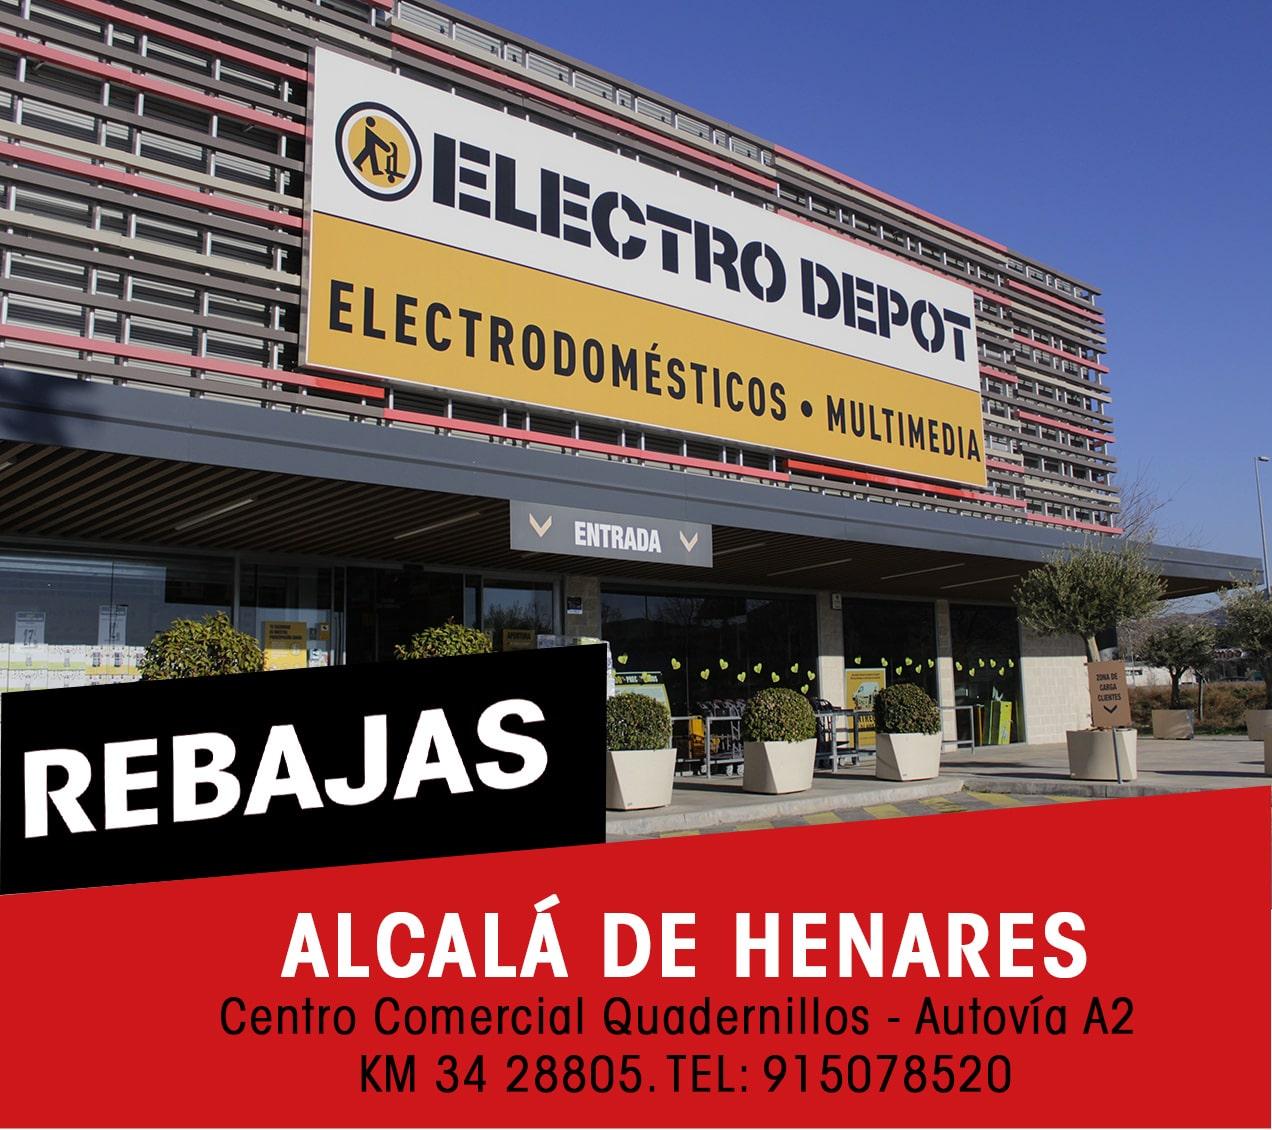 ALCALA DE HENARES REBAJAS